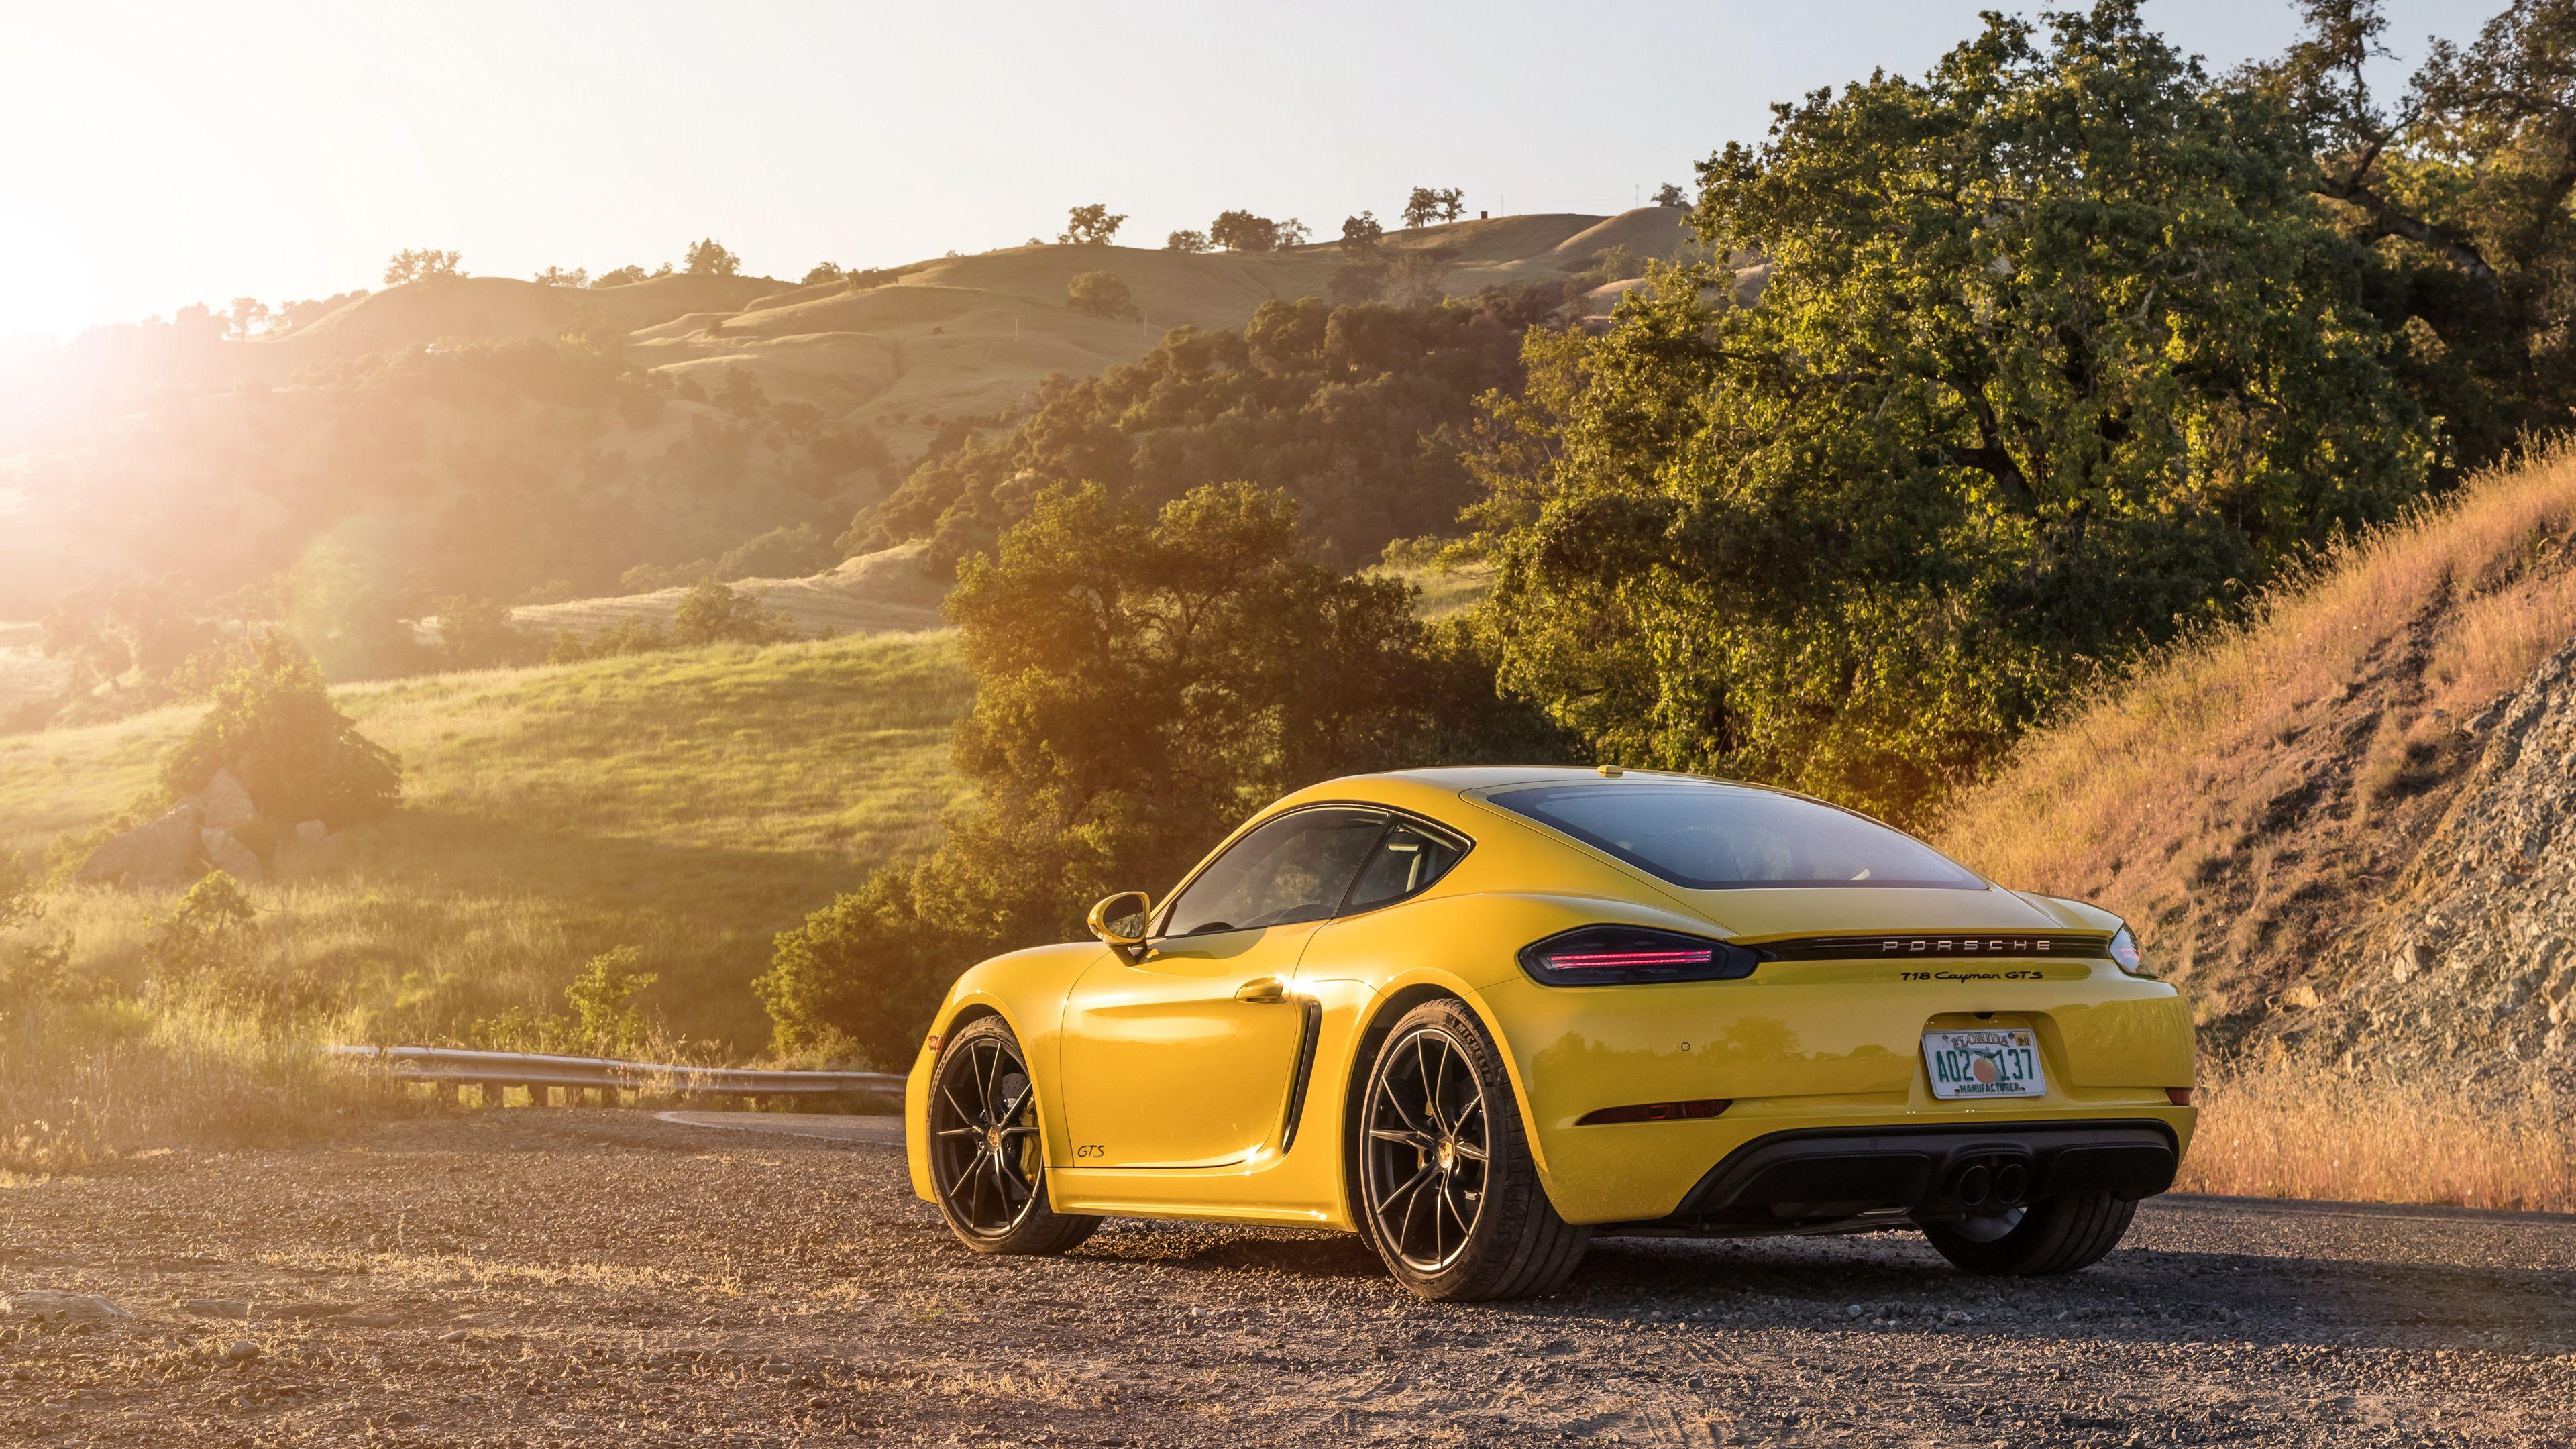 2019 Porsche 718 Cayman Gts Rear Side 4k Porsche Wallpapers Porsche 718 Wallpapers Hd Wallpapers Porsche 718 Cayman Gts Porsche 718 Cayman Sports Cars Luxury